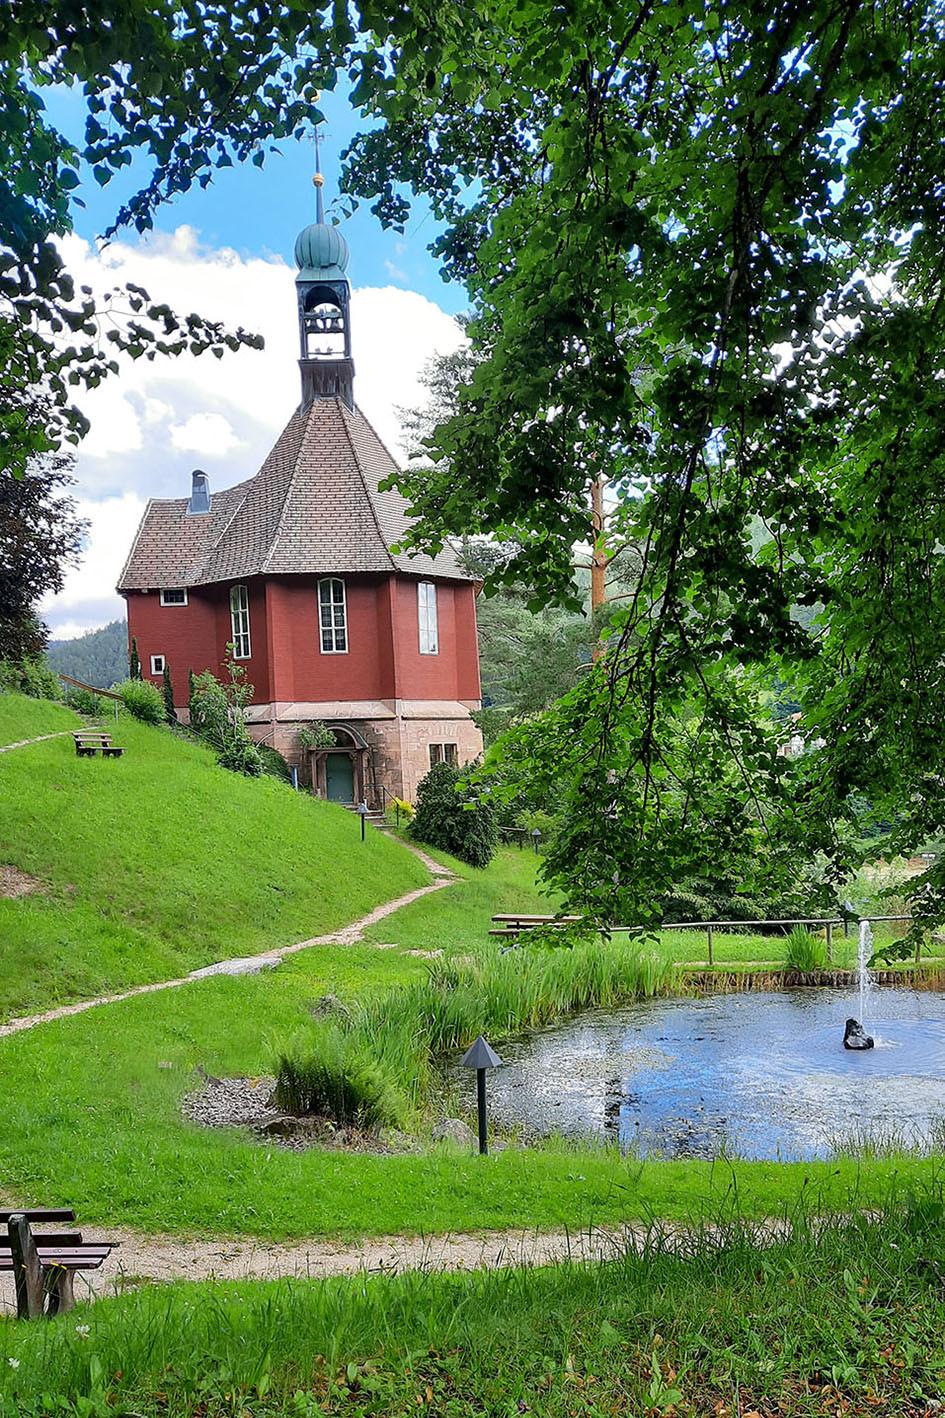 Die rote Michaelskirche in Baiersbronn mit einem kleinen Teich, liegt direkt am Waldrand.